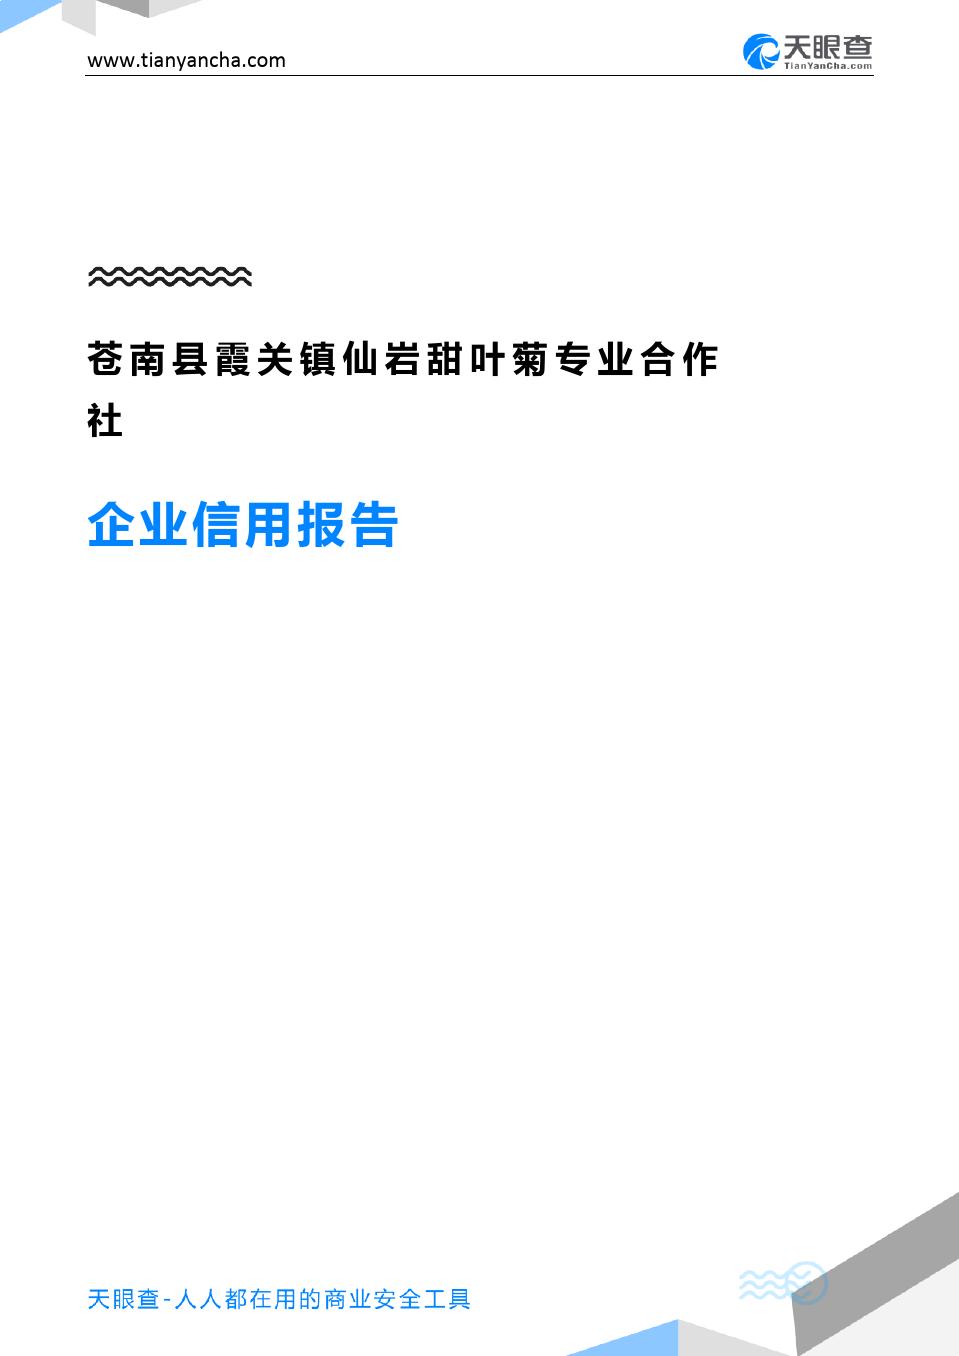 苍南县霞关镇仙岩甜叶菊专业合作社企业信用报告-天眼查